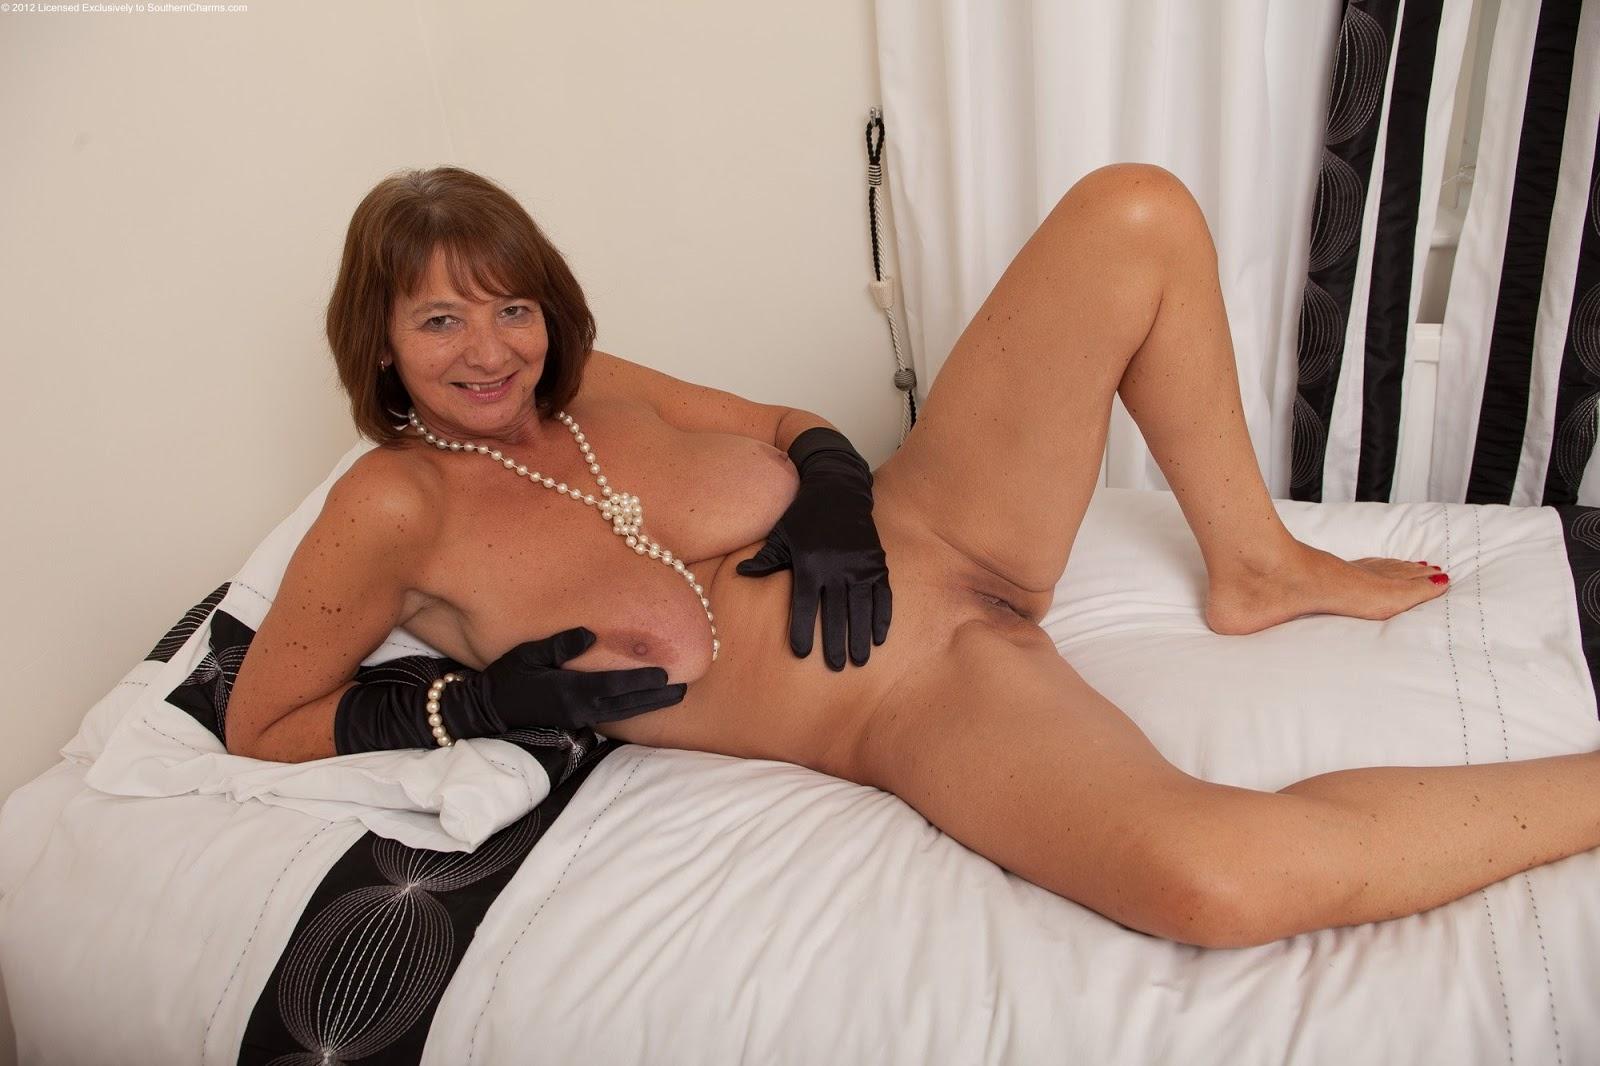 women getting it hard nude